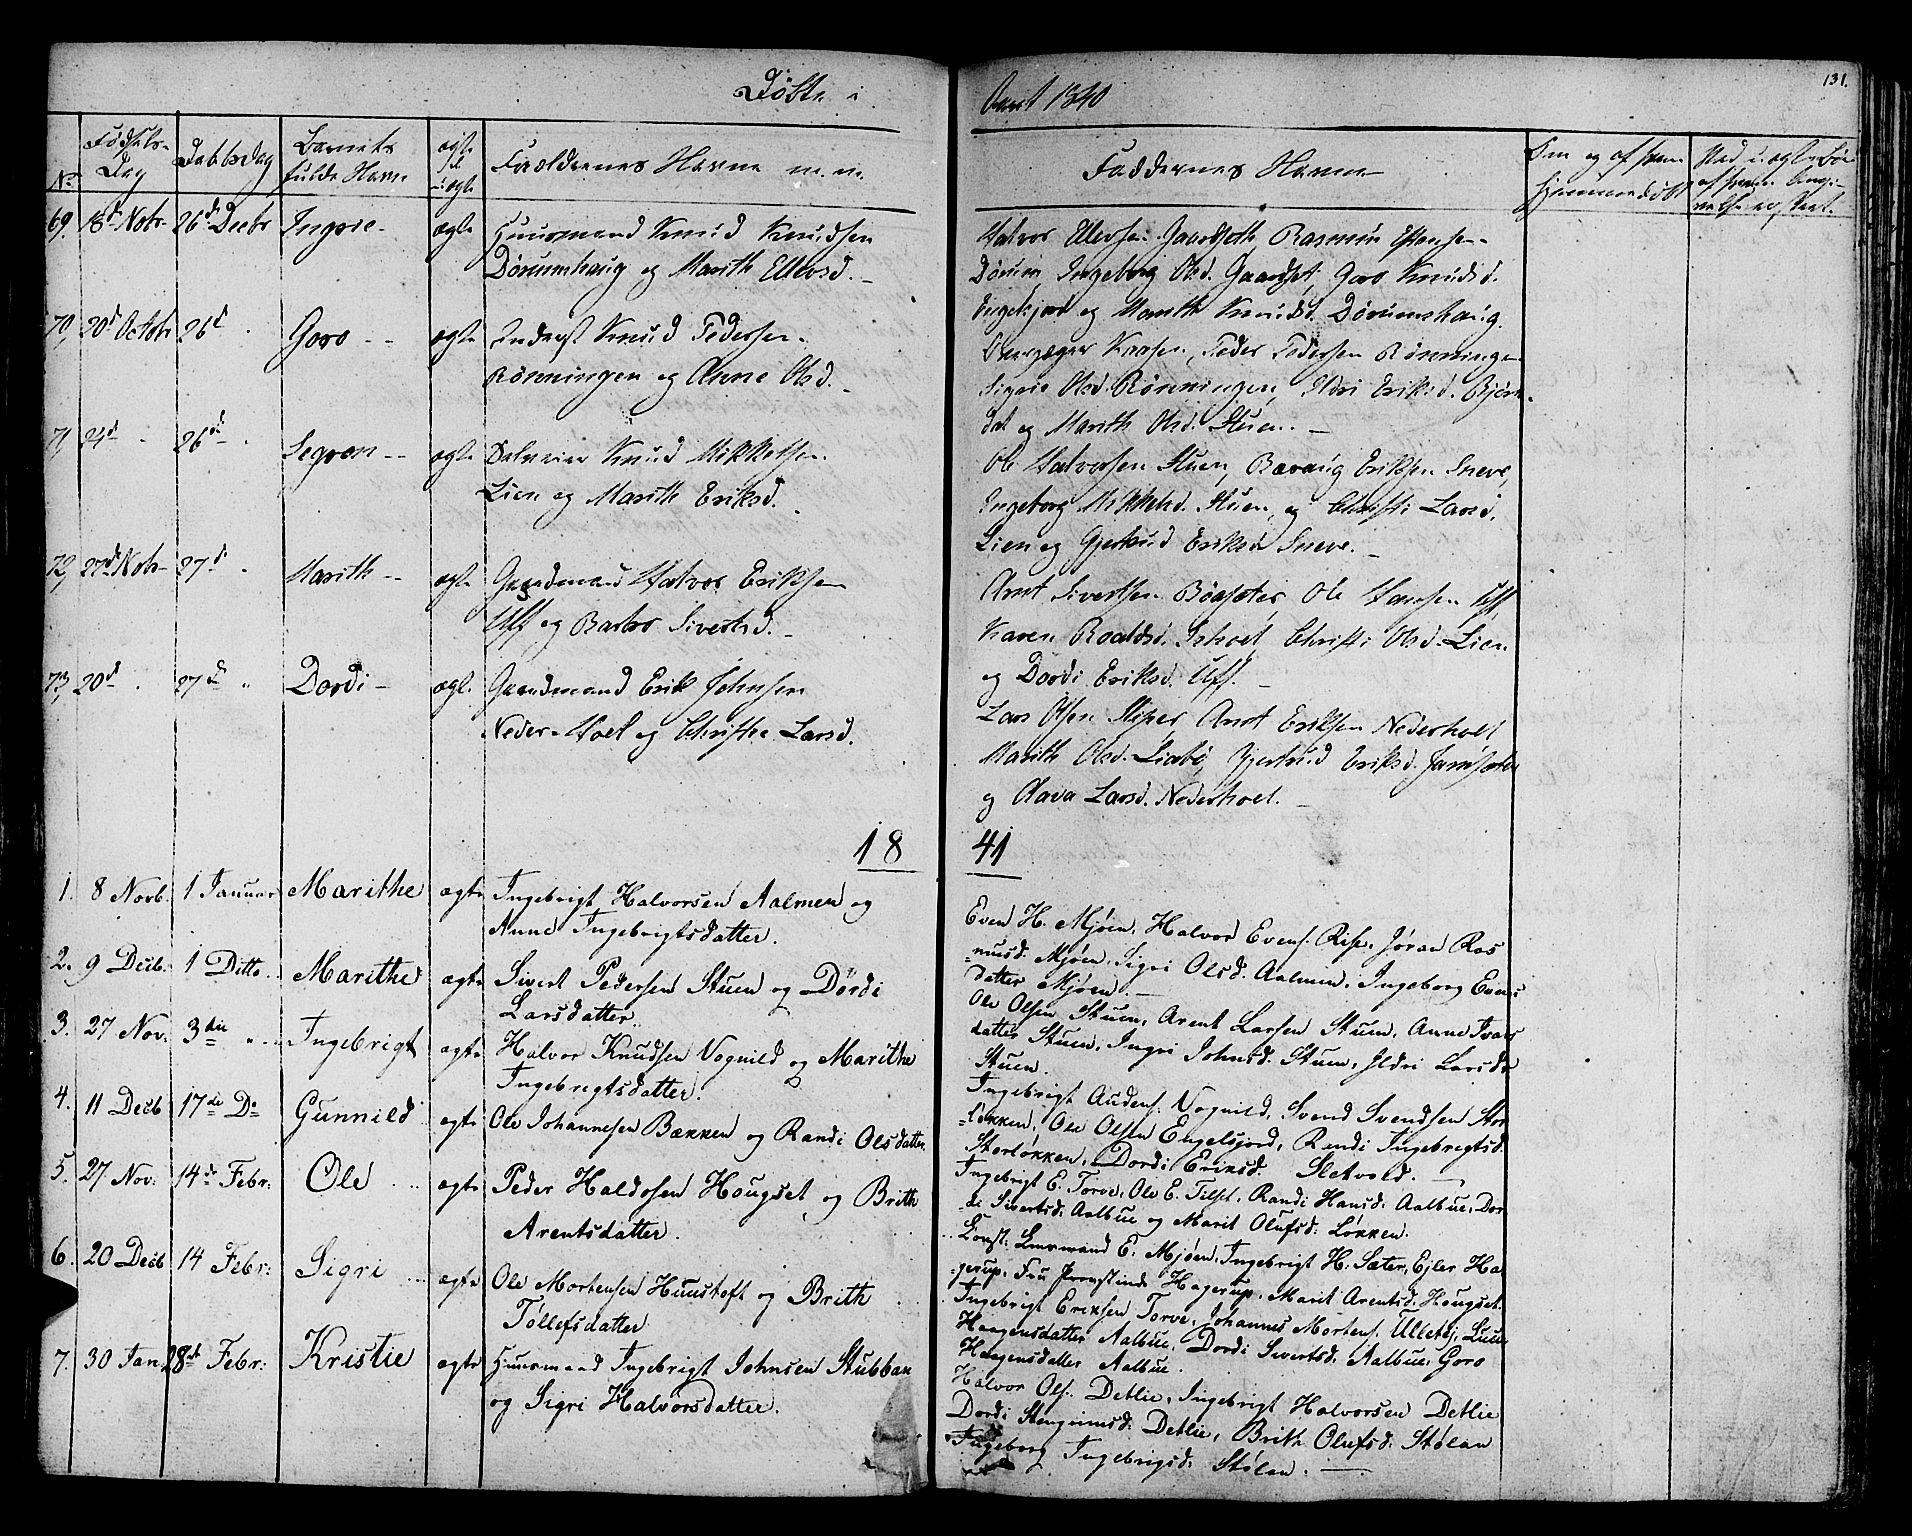 SAT, Ministerialprotokoller, klokkerbøker og fødselsregistre - Sør-Trøndelag, 678/L0897: Ministerialbok nr. 678A06-07, 1821-1847, s. 131